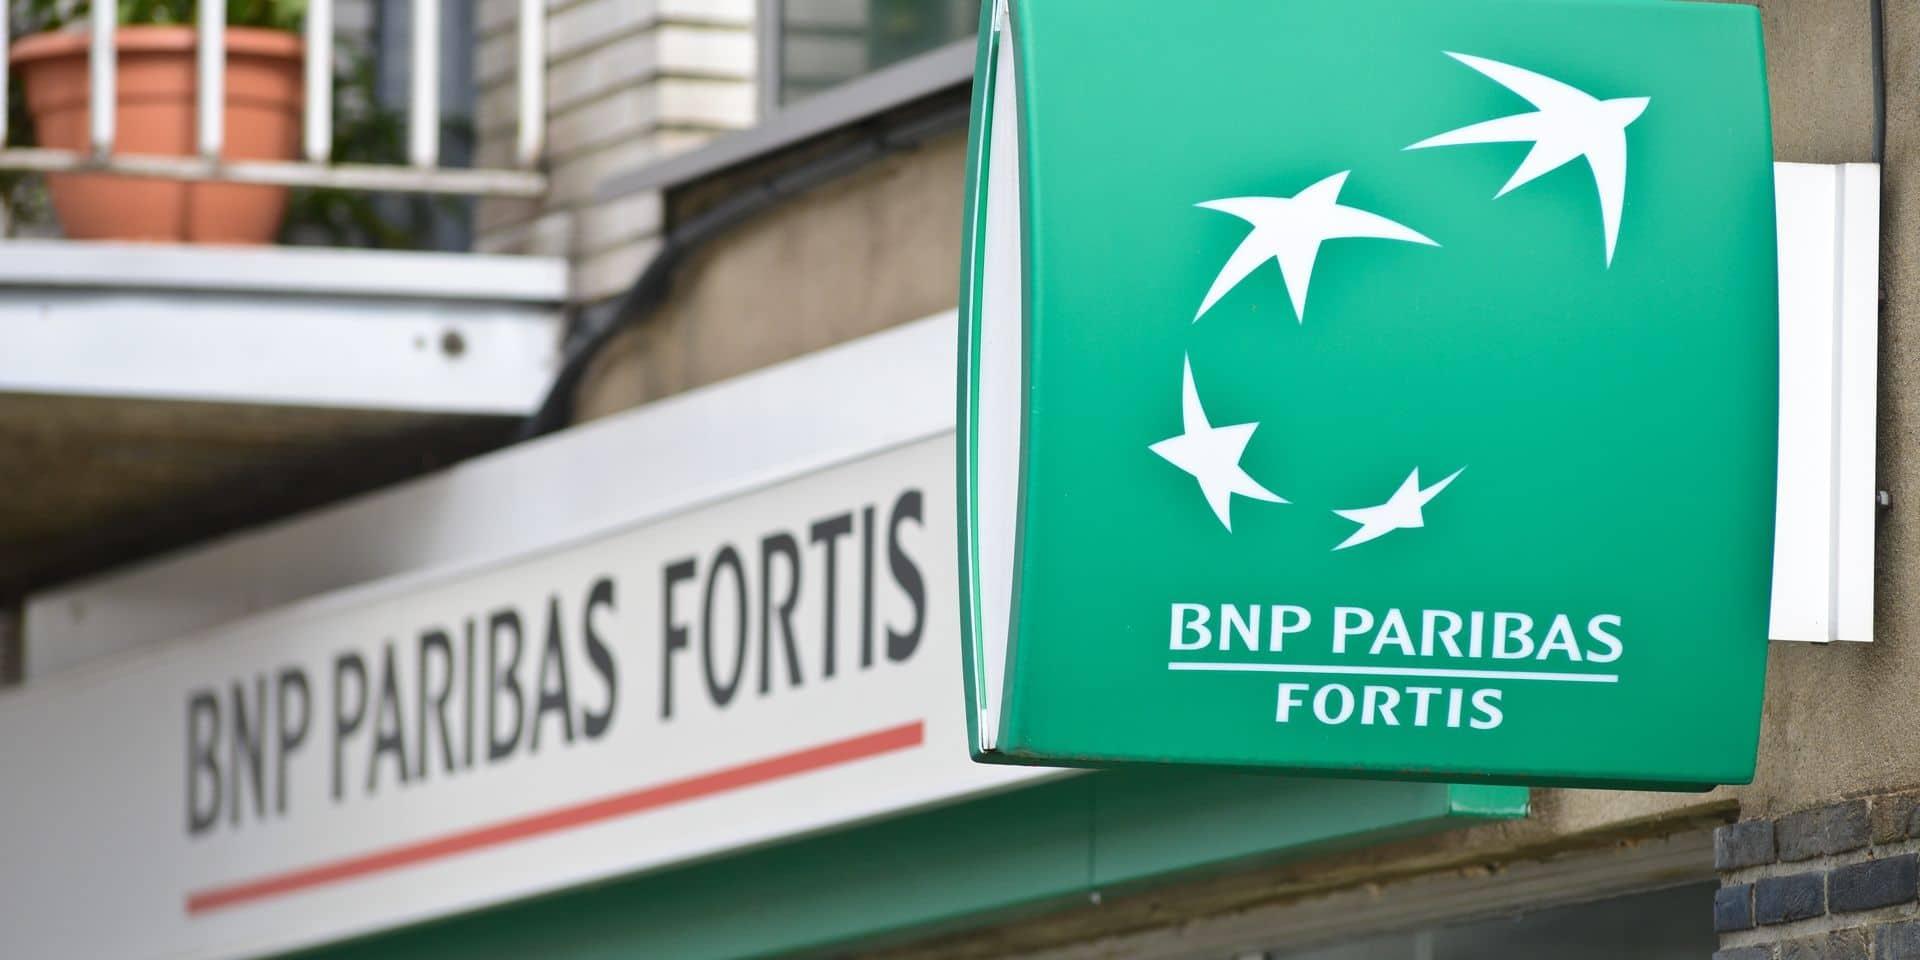 BNP Paribas Fortis augmente ses tarifs alors que ses résultats sont dans le vert : Test-Achats s'embrase